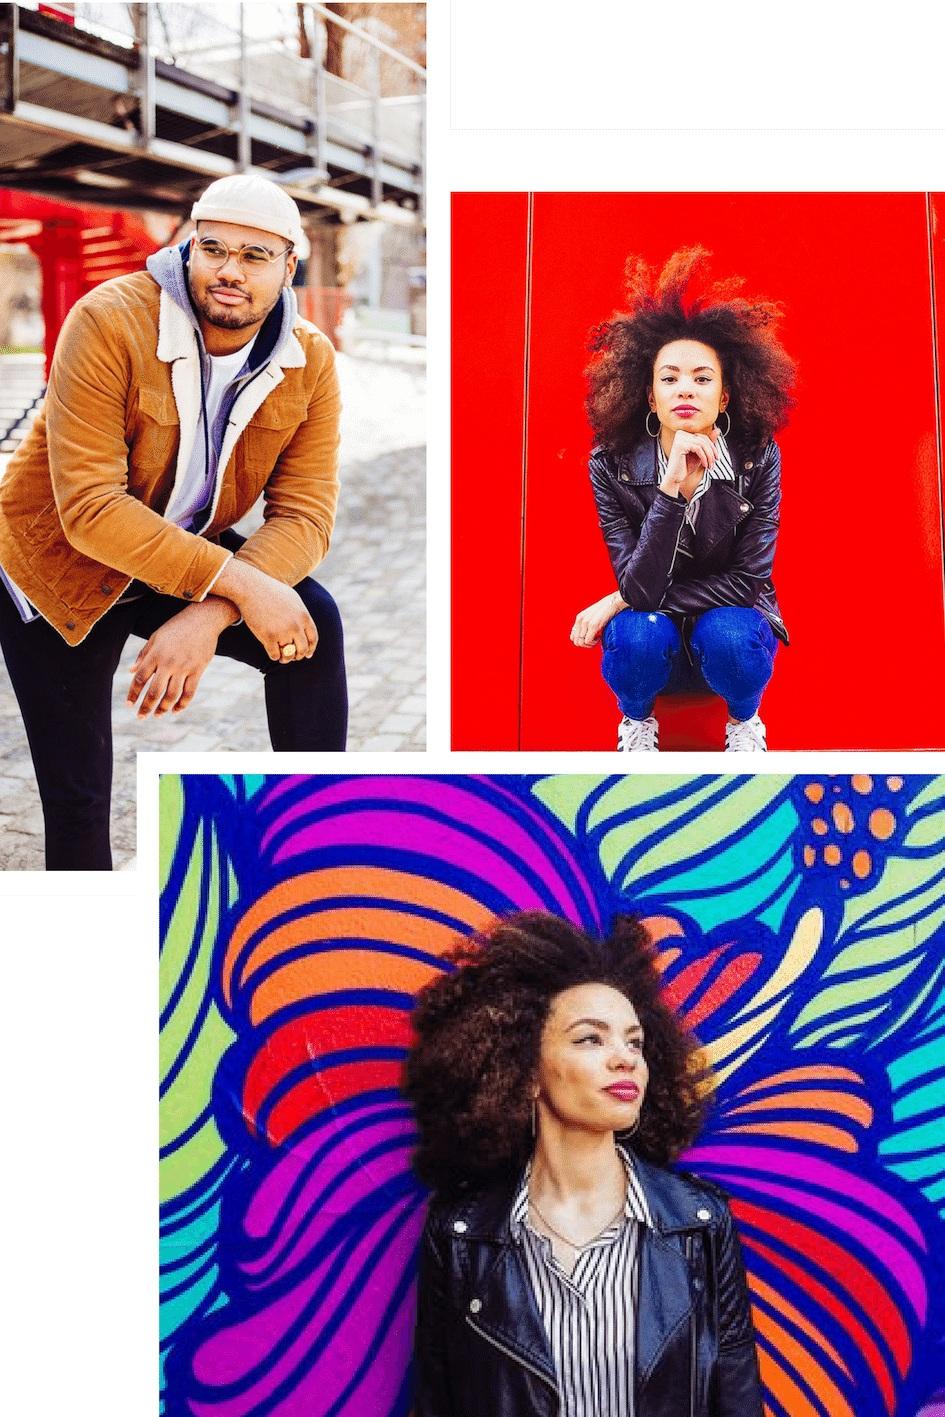 STREET - La plus pop de nos ambiances pour des photos qui marquent les esprits !On vous propose un cadre avec du peps à revendre. Il y aura des couleurs flamboyantes, des matériaux bruts, du street art pour des portraits qui ne manqueront pas de caractères.Effet whaou garanti !-L'ambiance Jungle est disponible pour toutes nos offres, en solo ou à plusieurs.